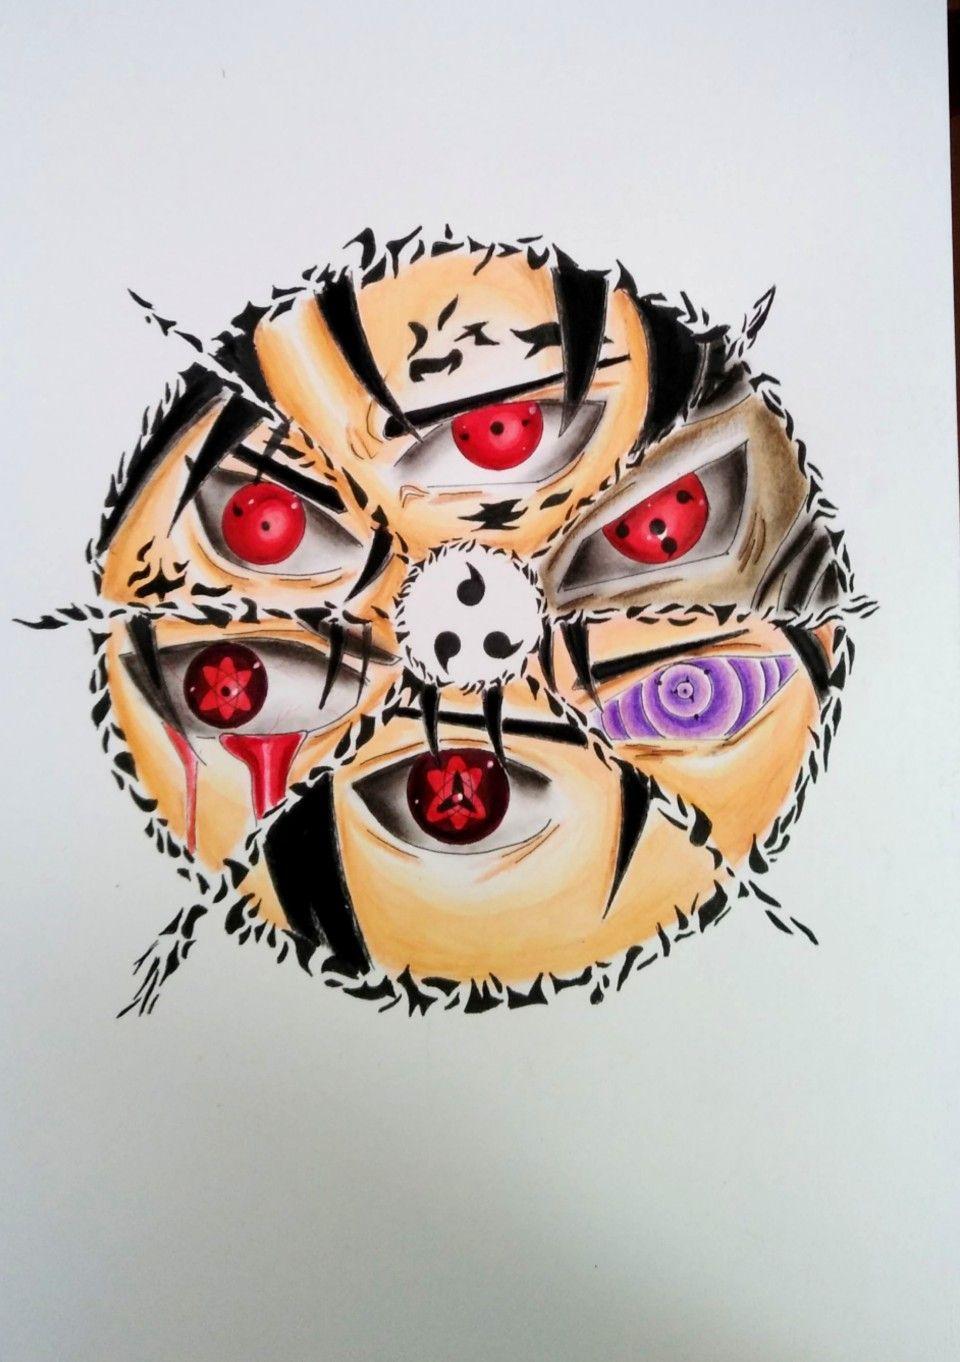 Dibujo Todas Las Formas Mangekyou Sharingan Y Rinnegan De Sasuke Drawing Mangekyou Sharingan Sasuke Como Dibujar Personajes Dibujos Mangekyou Sharingan